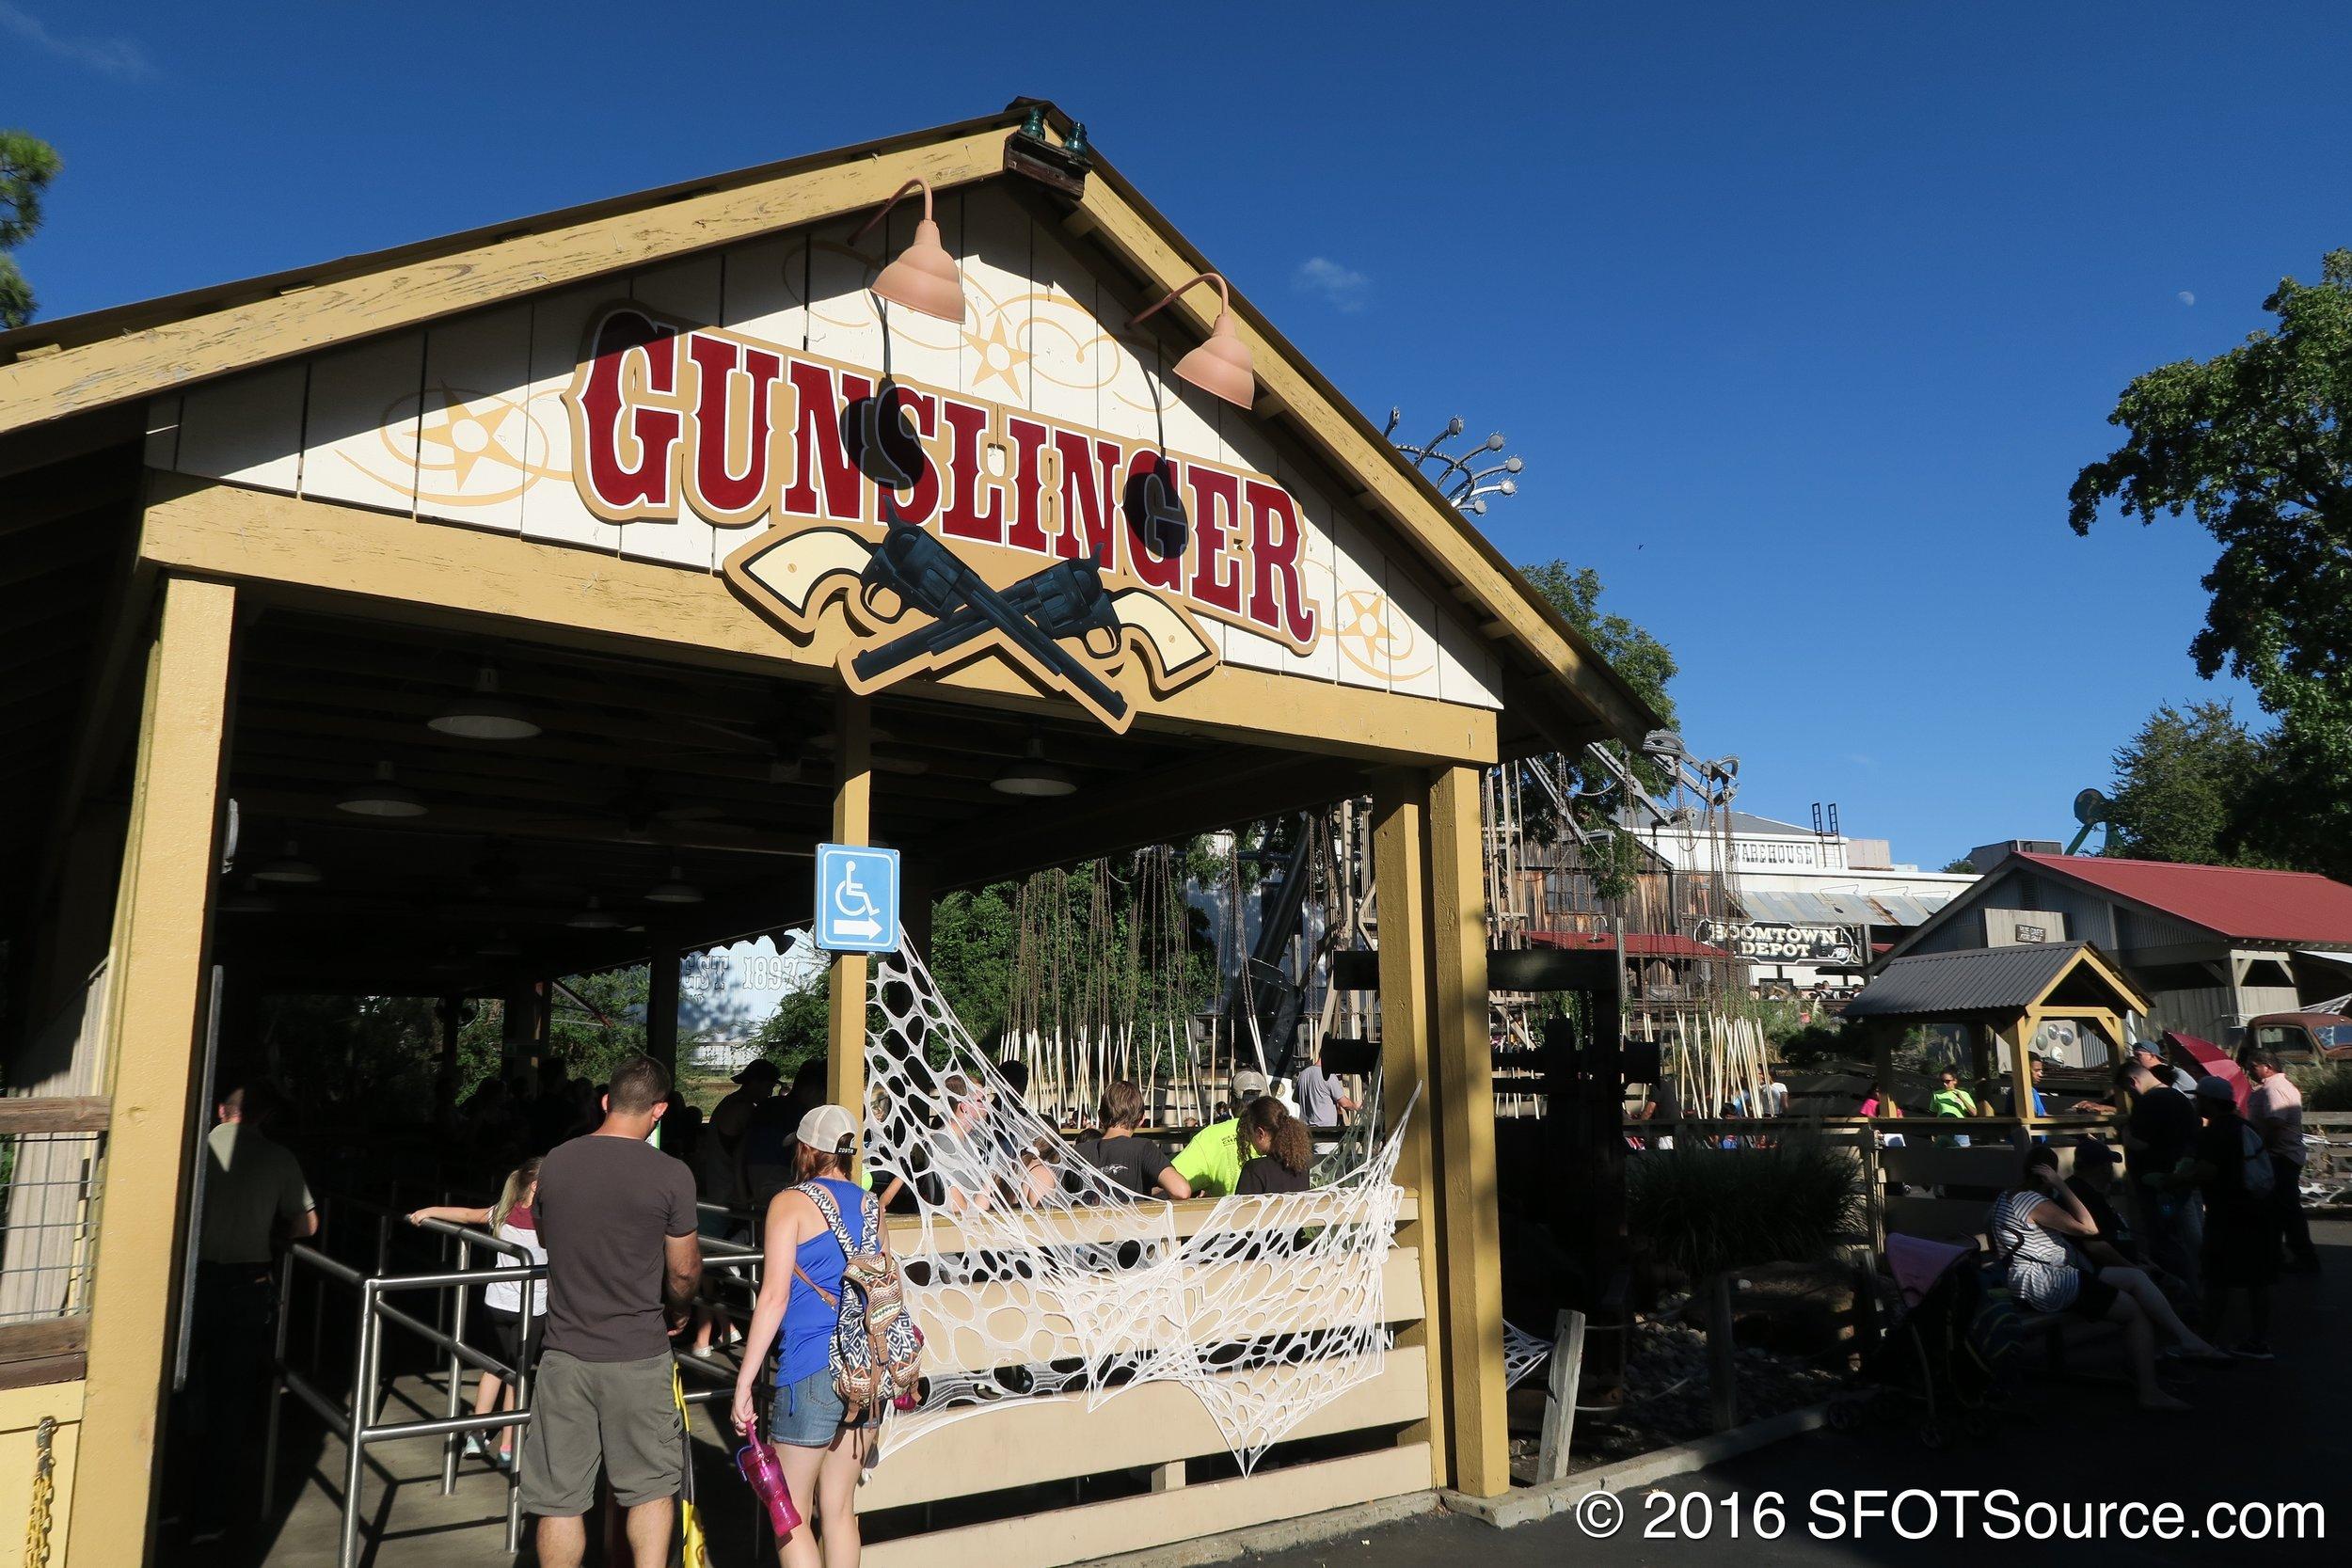 The main entrance to Gunslinger.